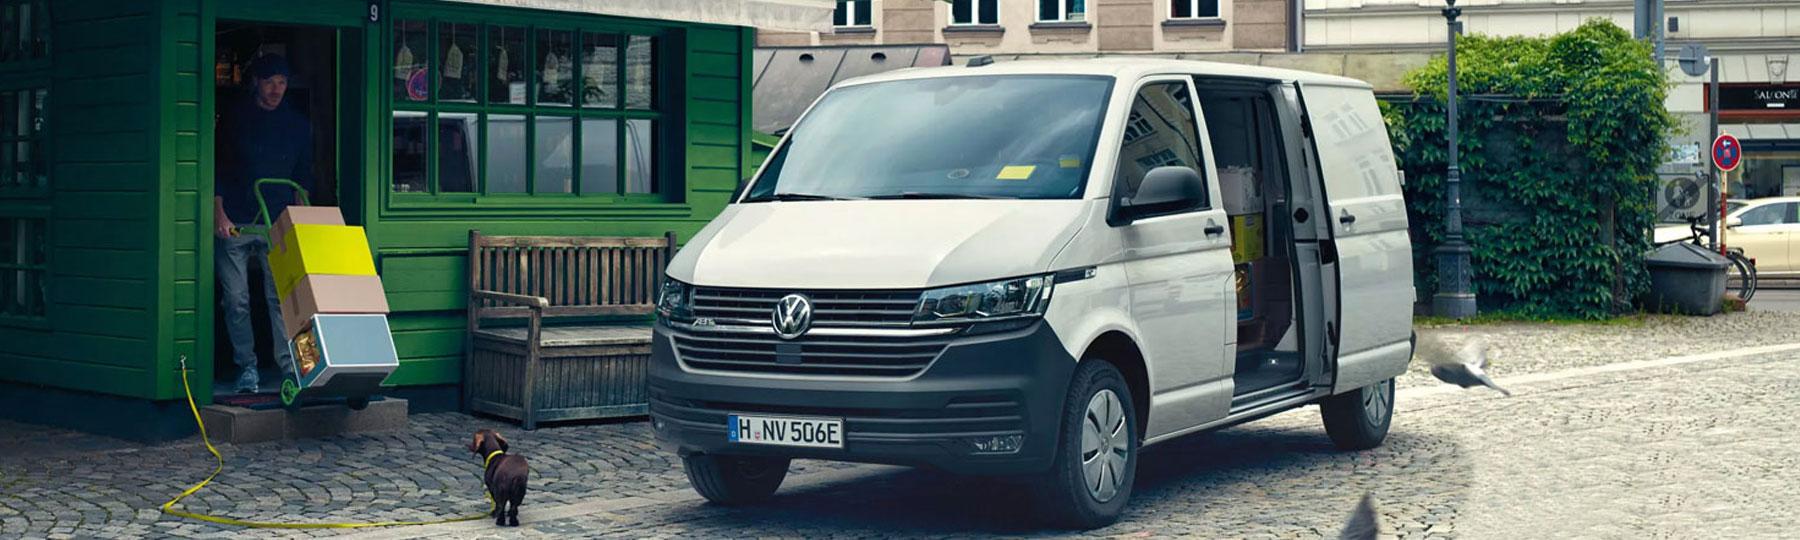 Volkswagen ABT eTransporter 6.1 New Van Offer